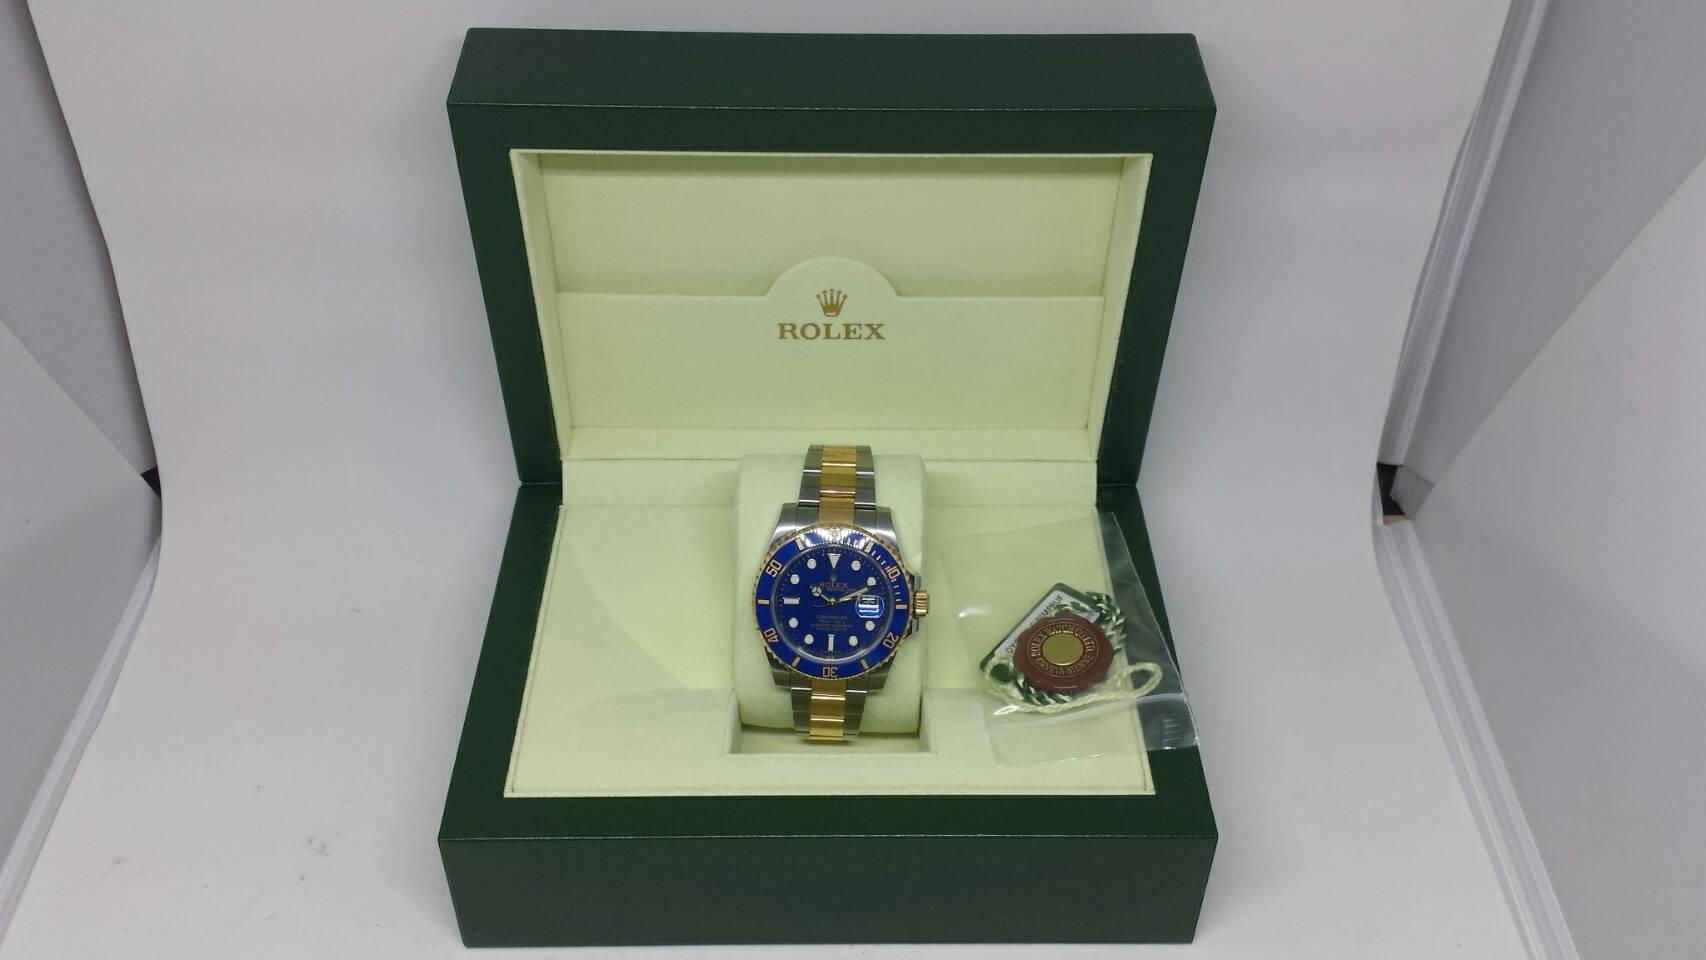 ブランド「ロレックス」商品名「サブマリーナ」型番「116613LB」カラー「ブルー」